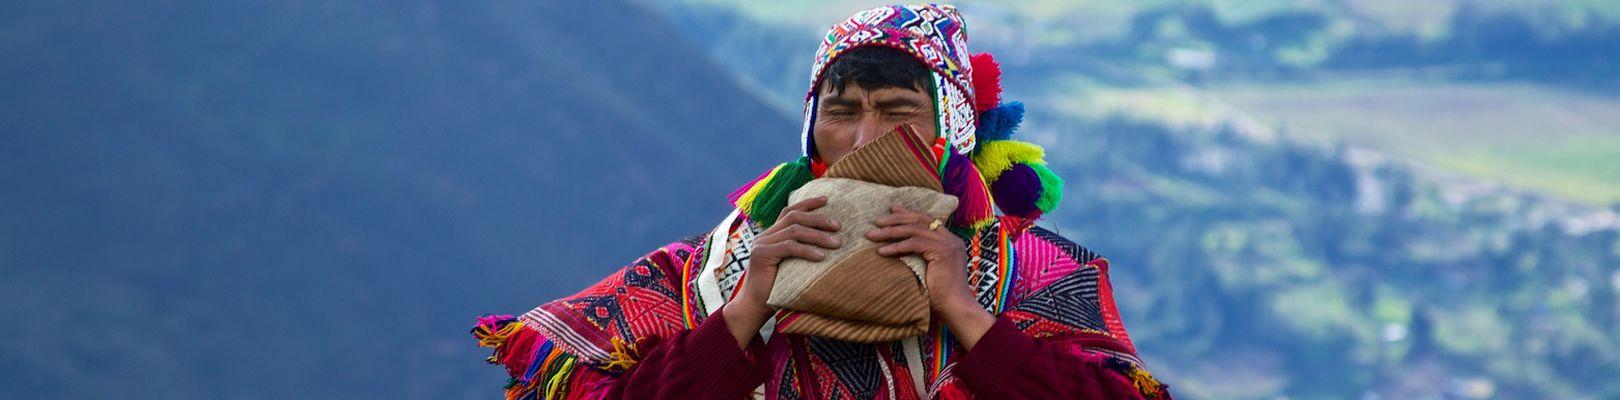 voyage pérou bolivie - musique andine